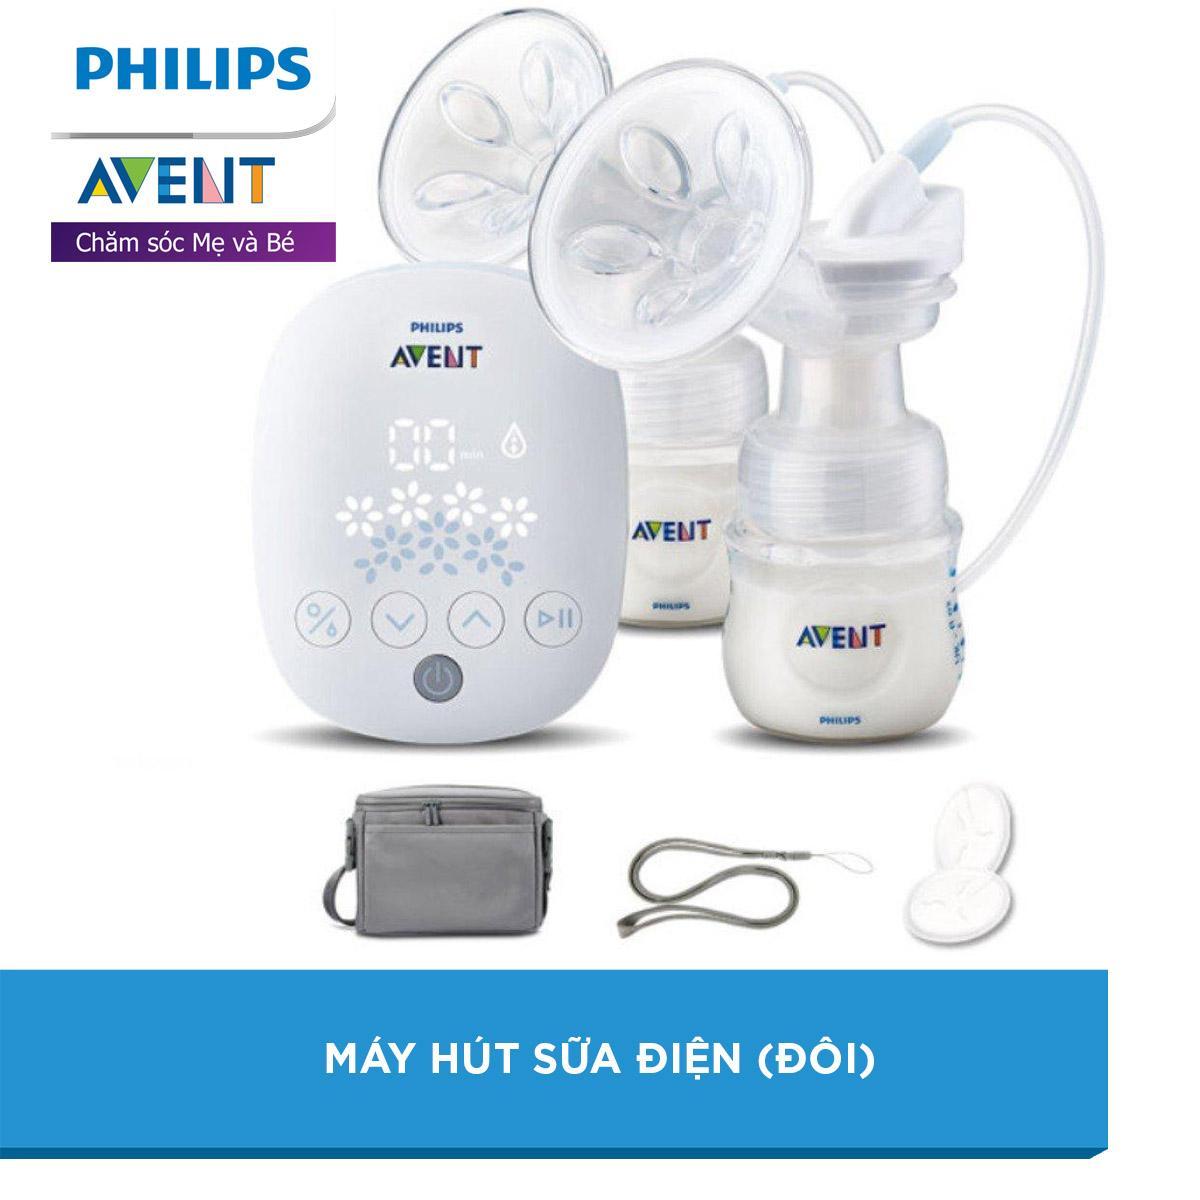 Máy Hút Sữa điện đôi Hiệu Philips Avent (303.01) Siêu Khuyến Mãi